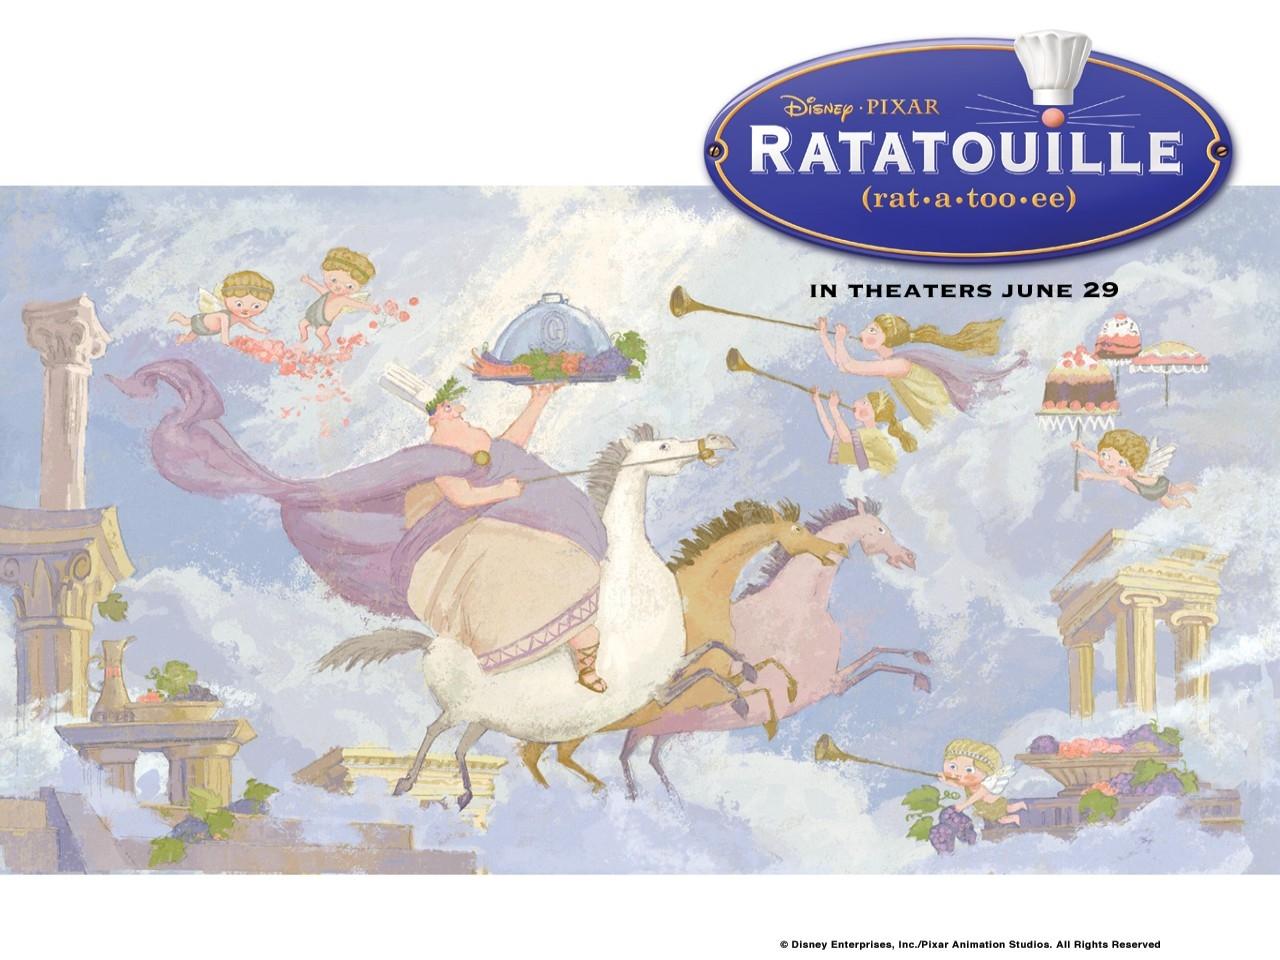 Wallpaper 'epico' del film Ratatouille